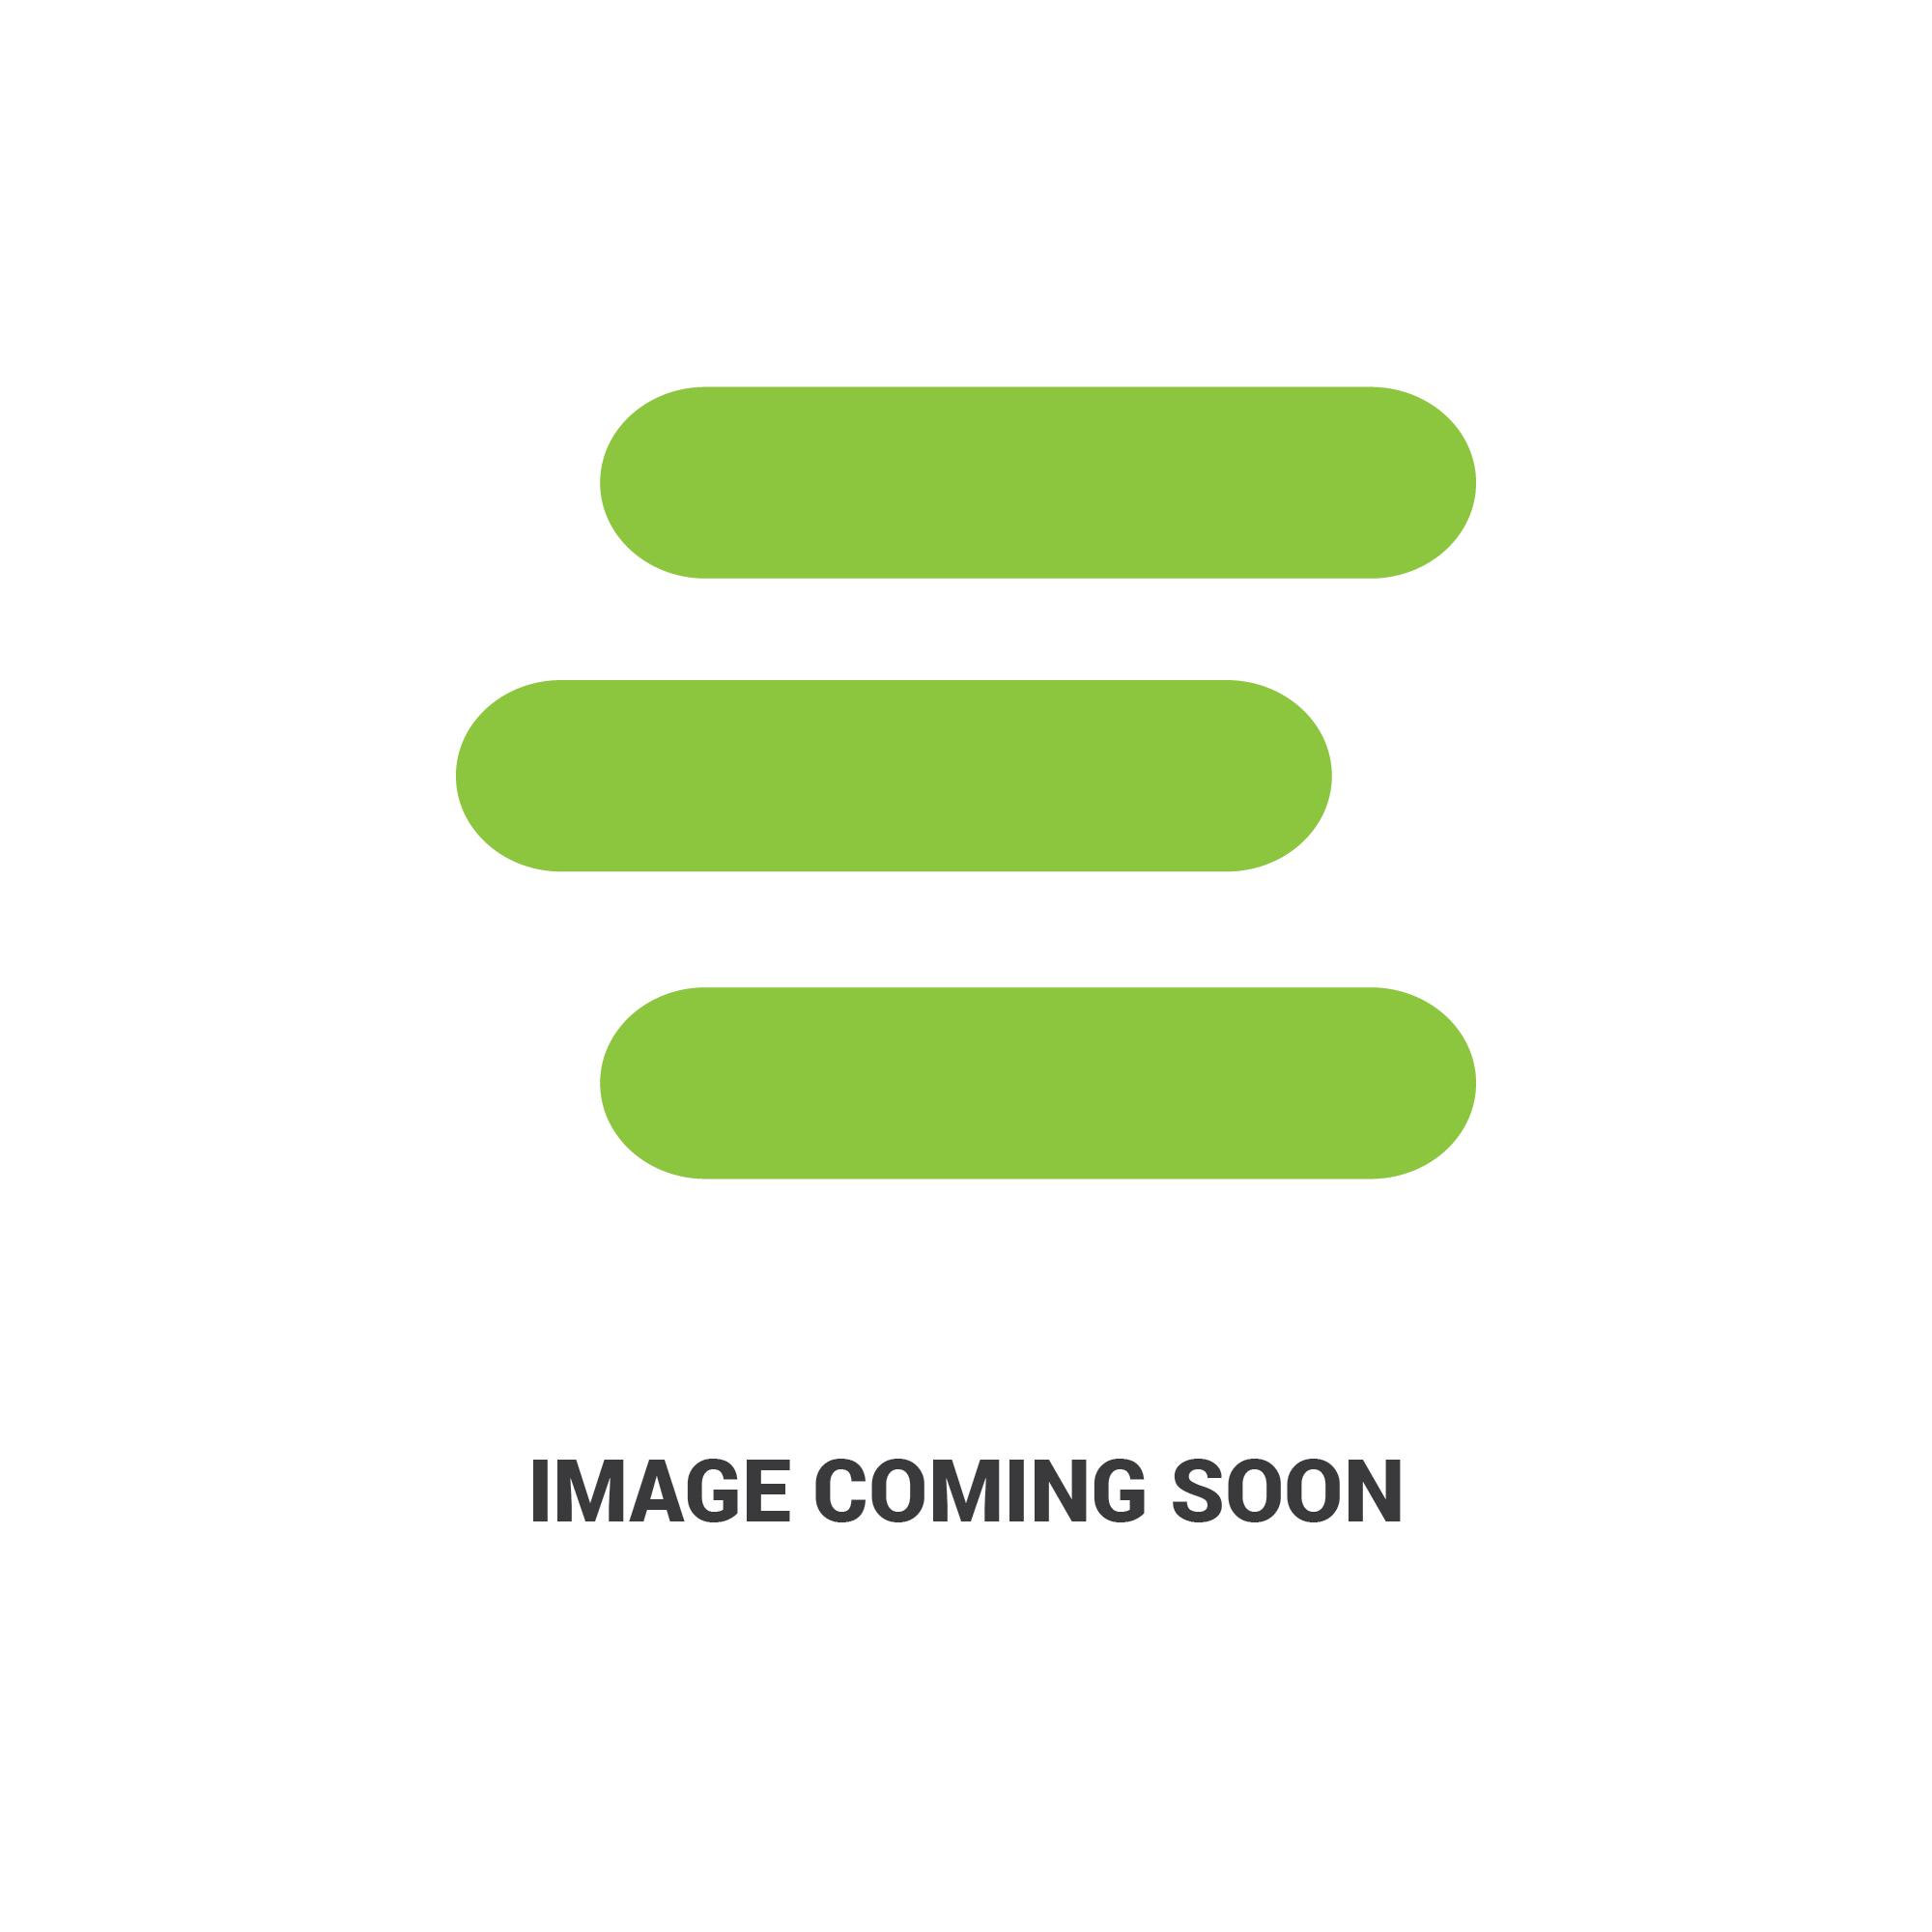 E-T0070-41560edit 2.jpg